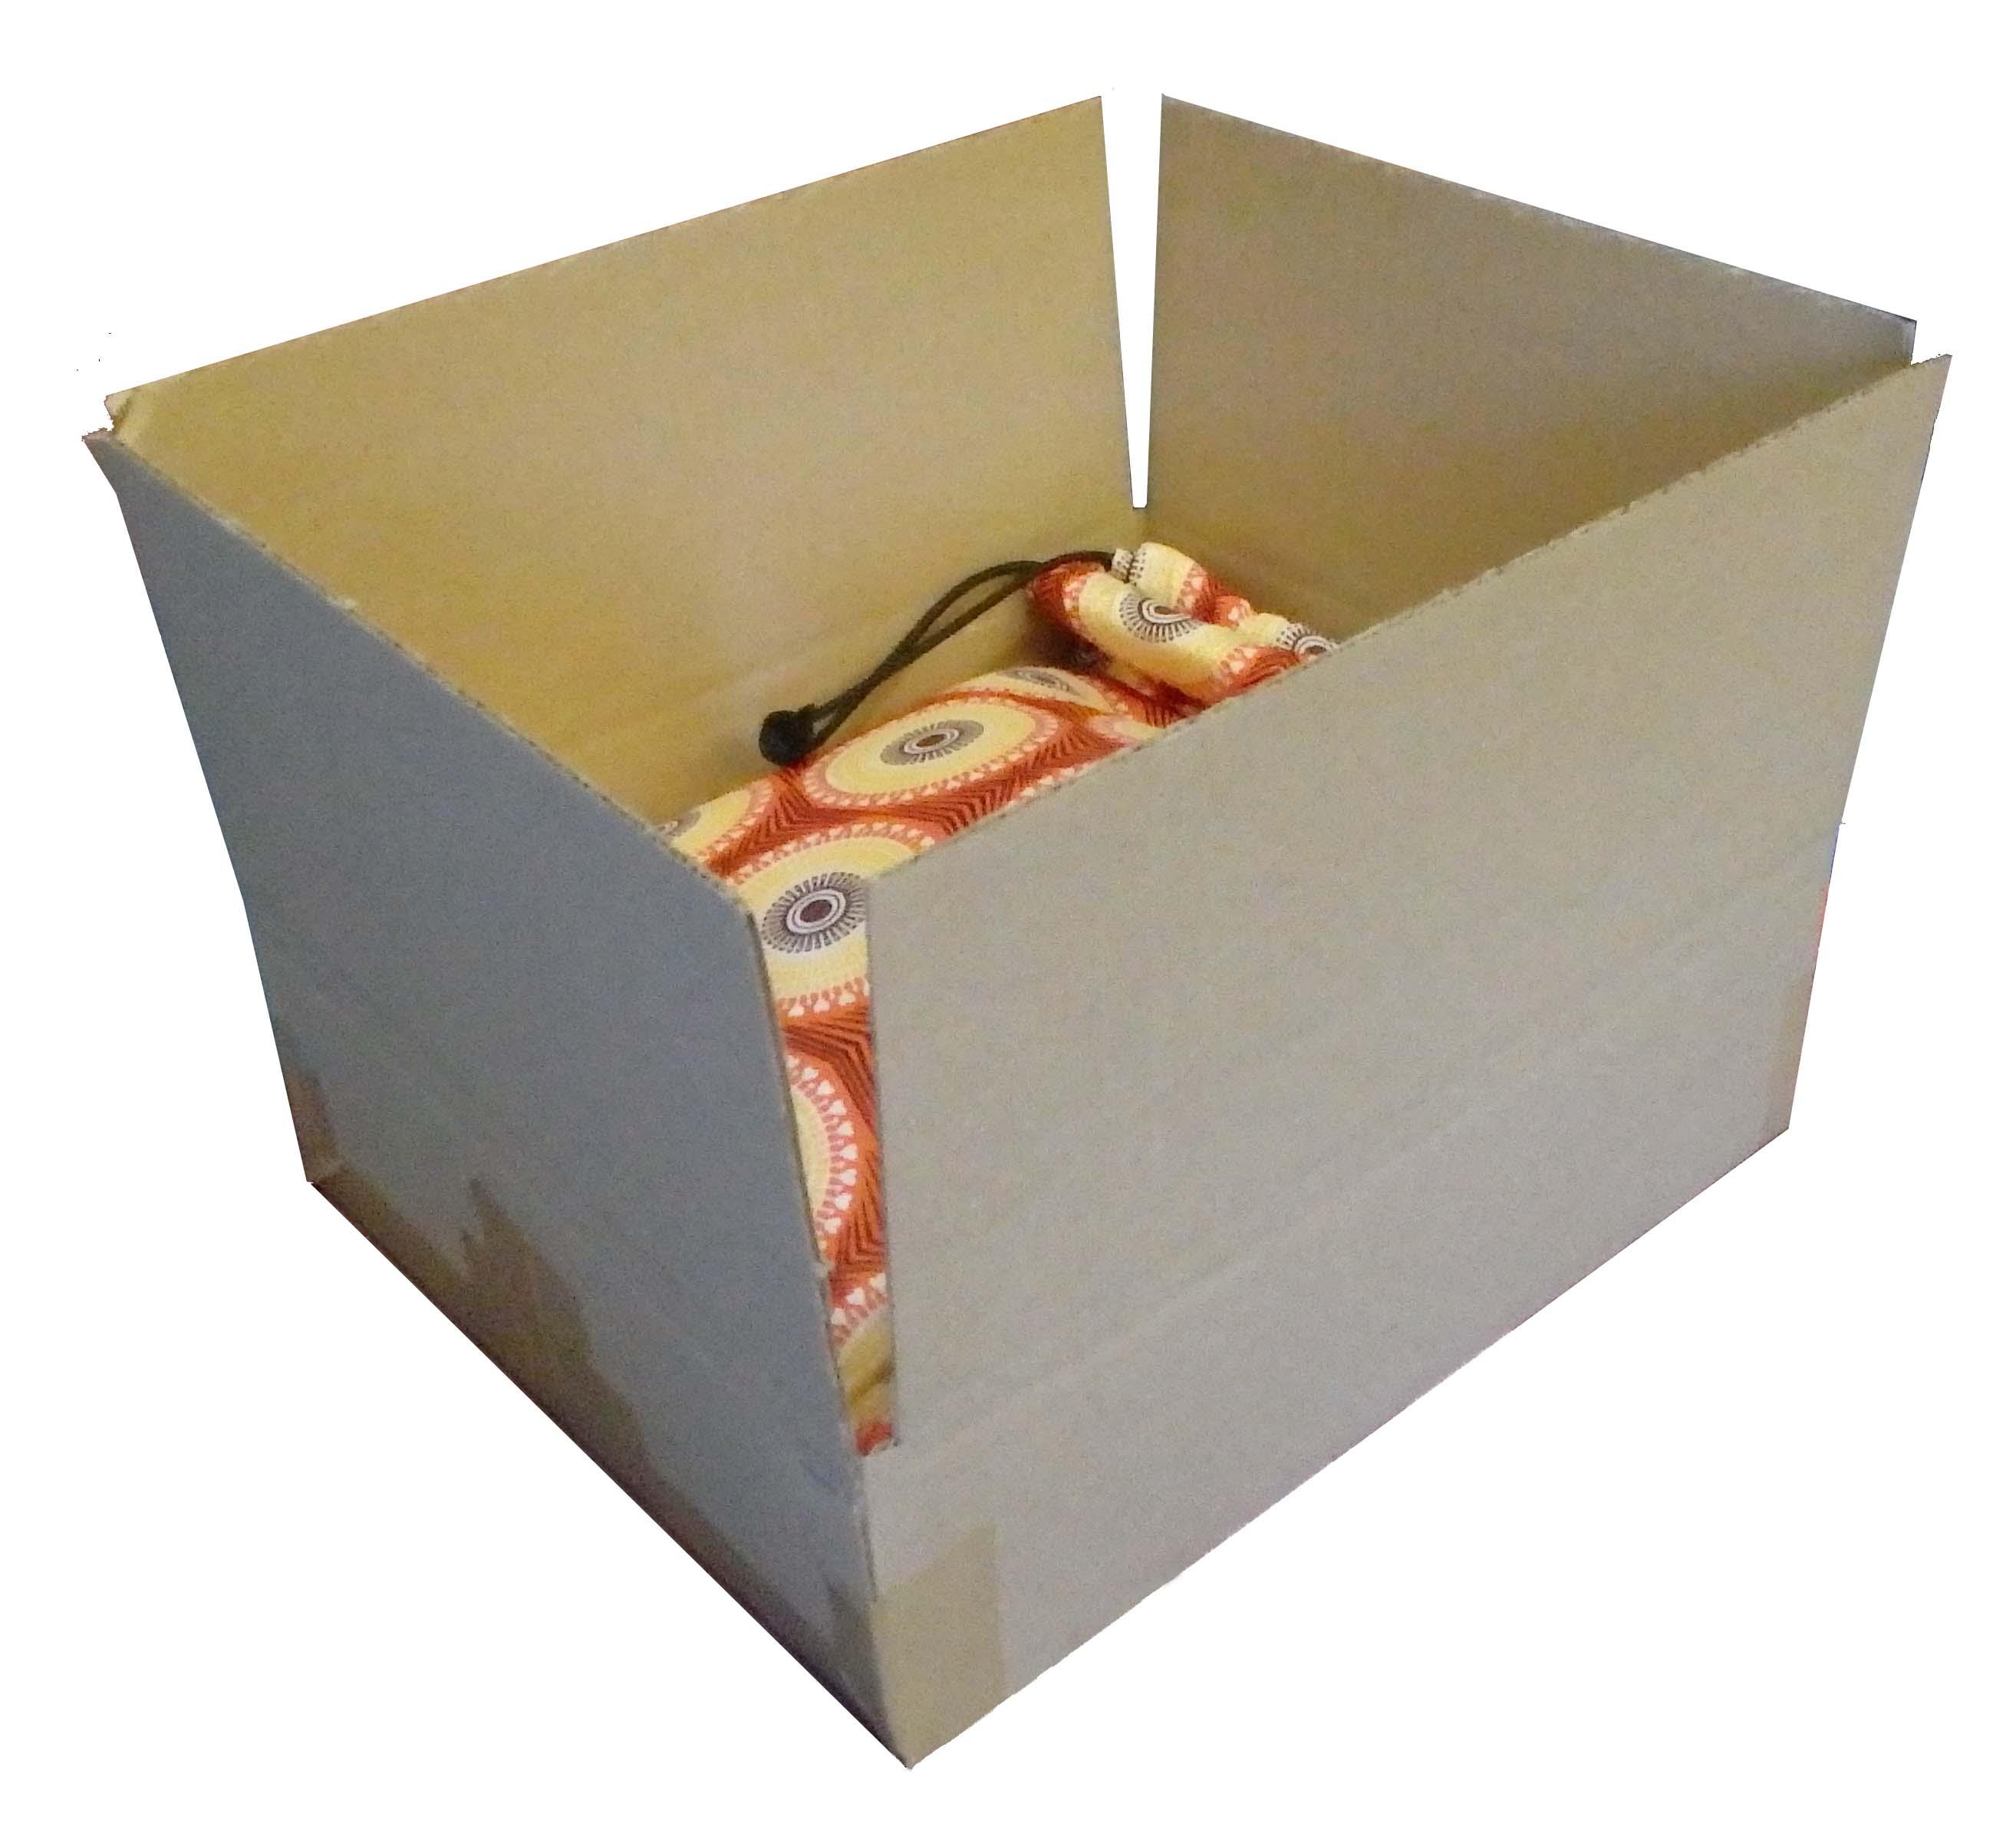 Shipping_Box_Juma_Instruments_KalimbaShop